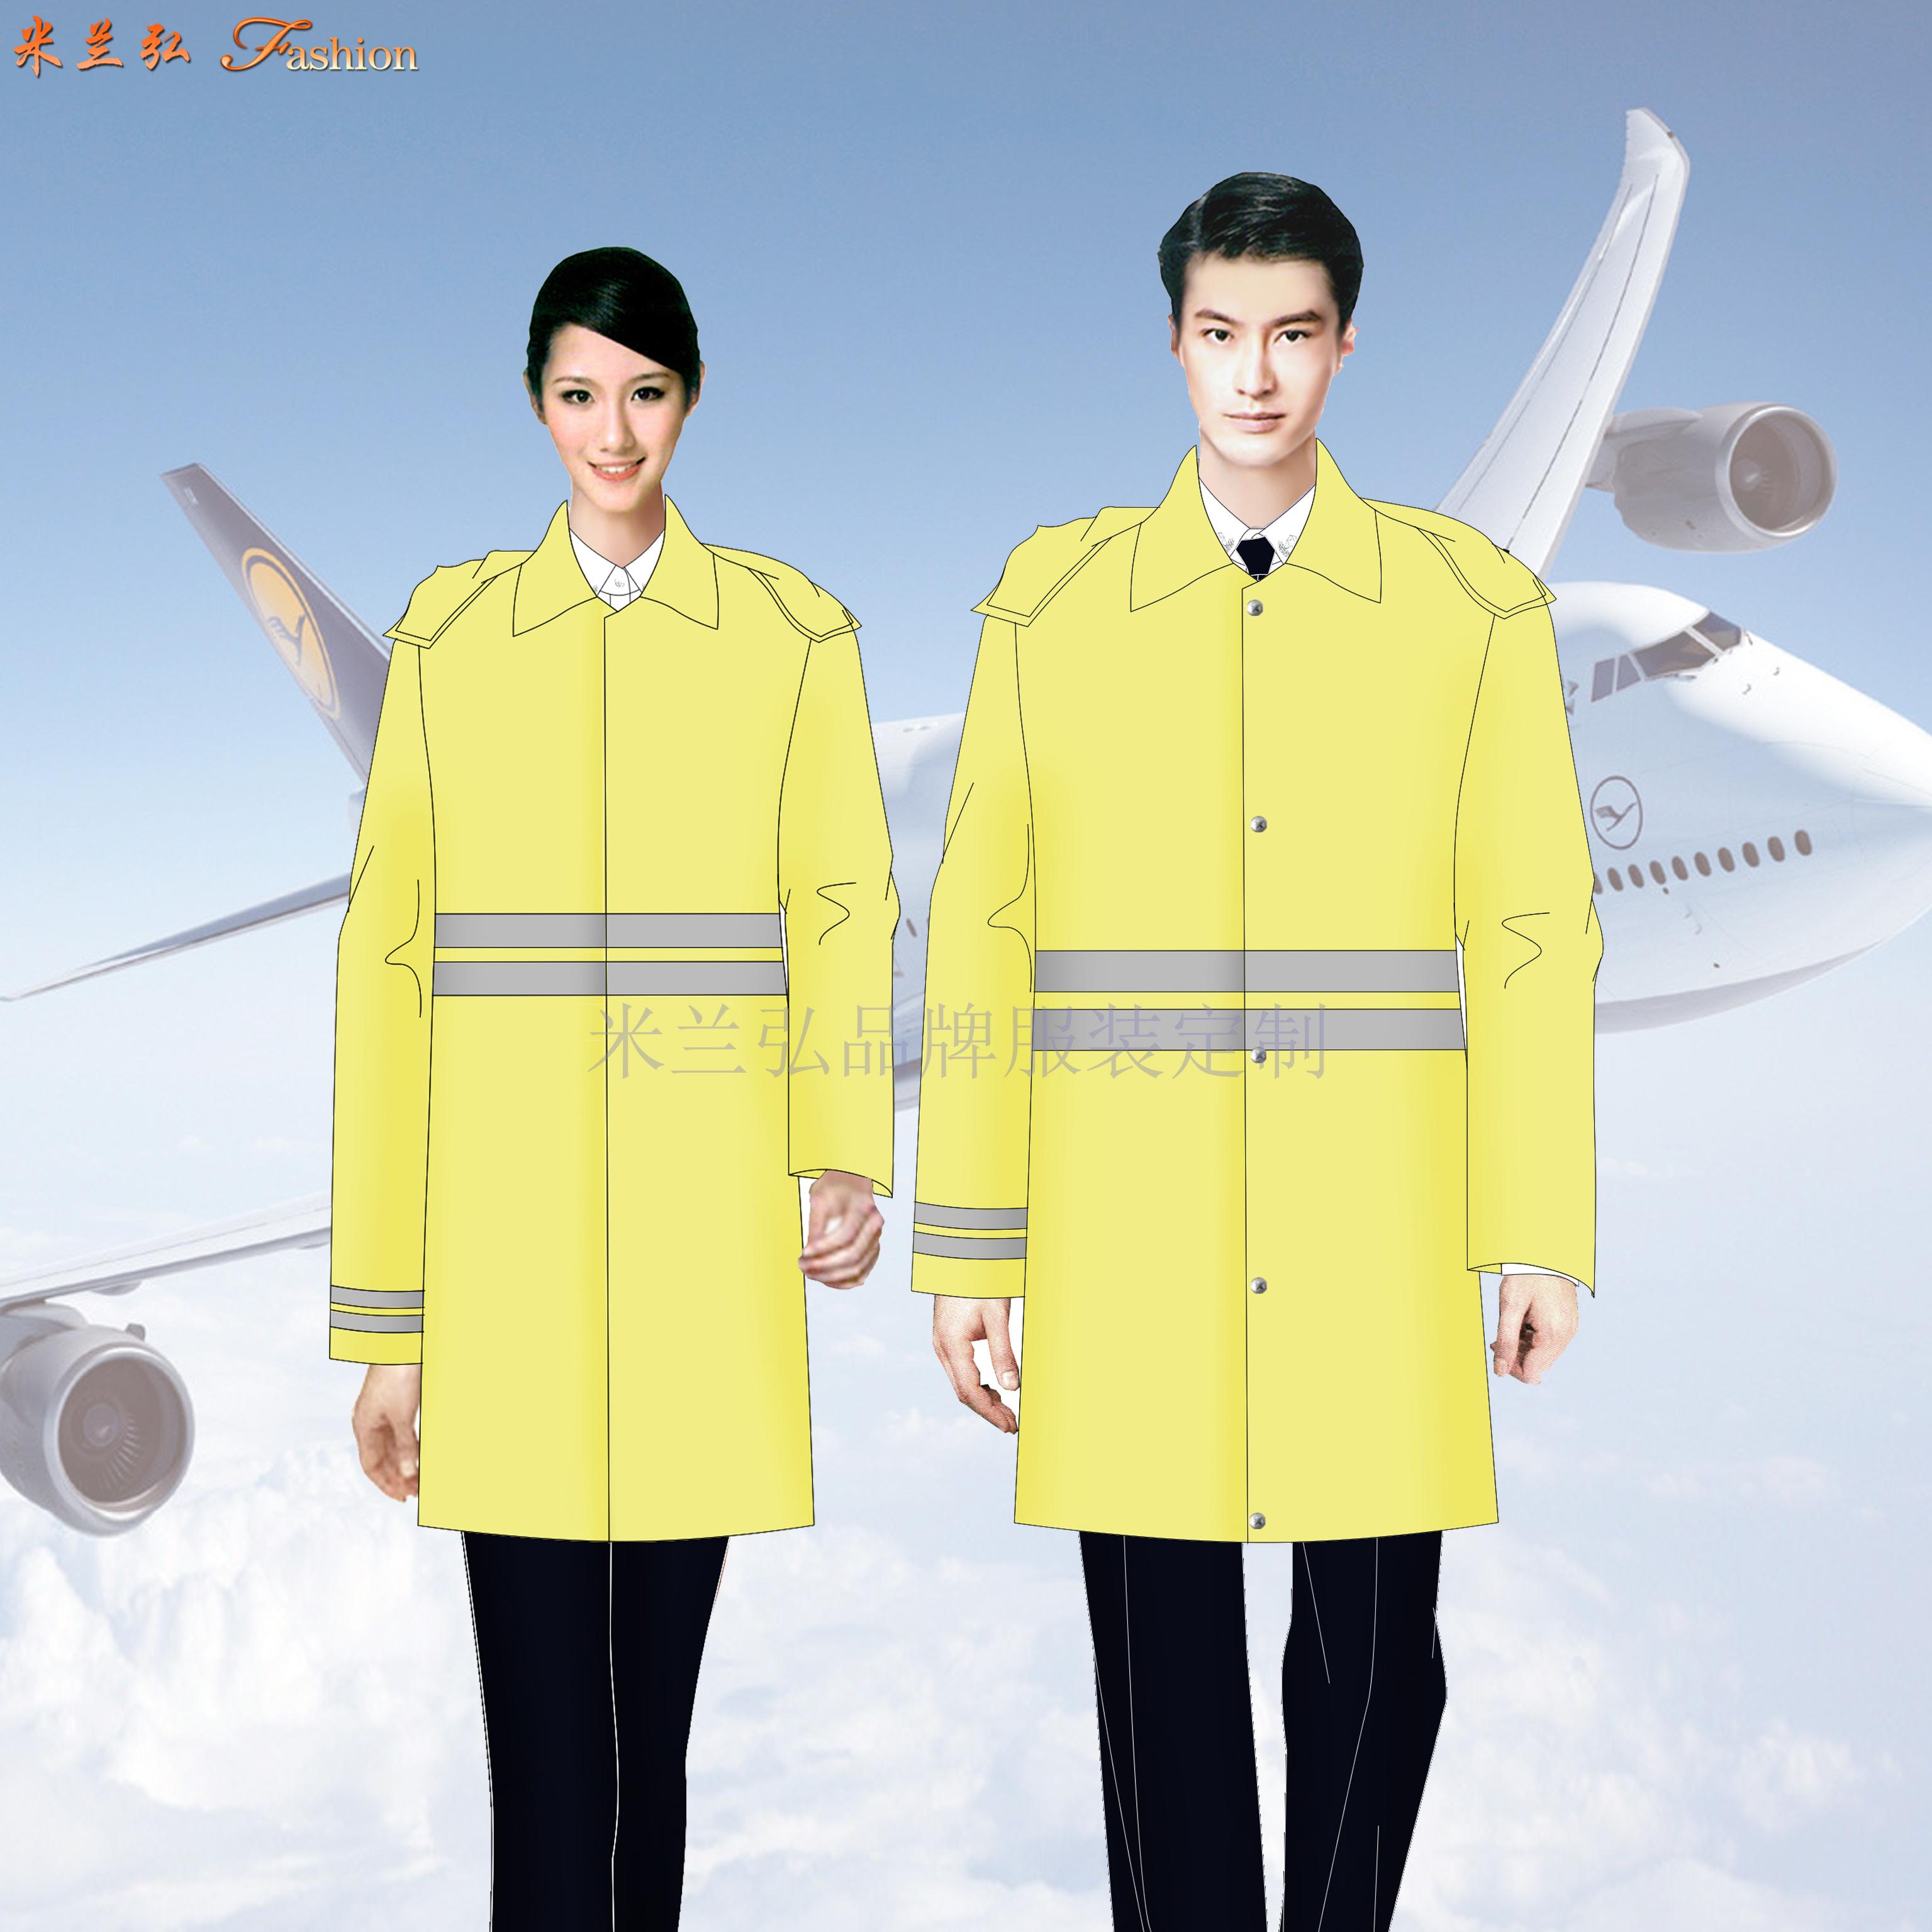 安檢服羊毛大衣定做_機場安檢員大衣訂製_民航安檢棉服定製-1